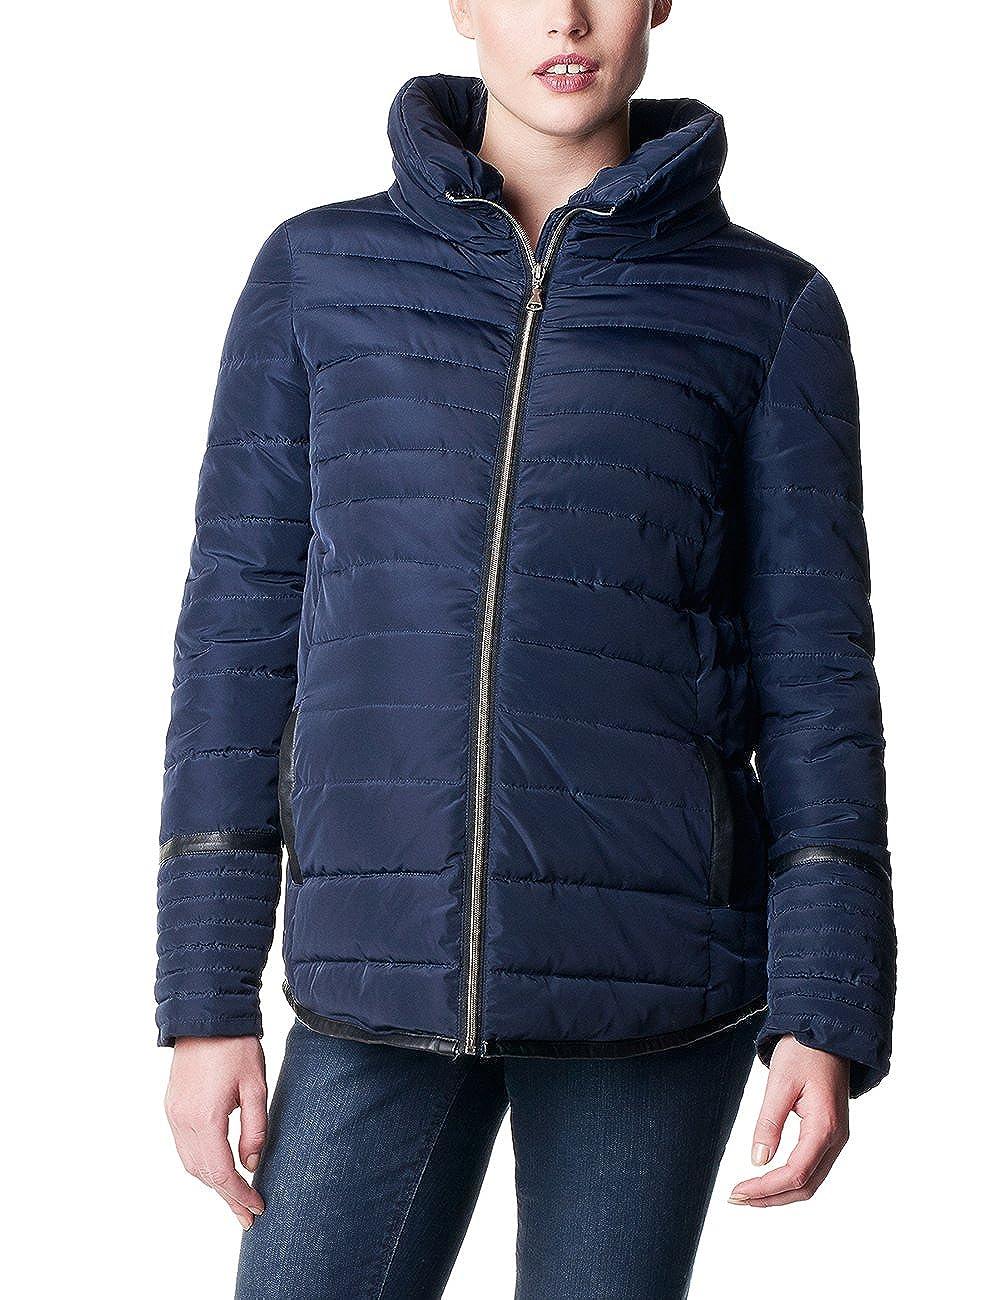 Noppies Damen Umstands Jacke Jacket Aeris Blau (Dark Blue C165) 50691 50691-C165